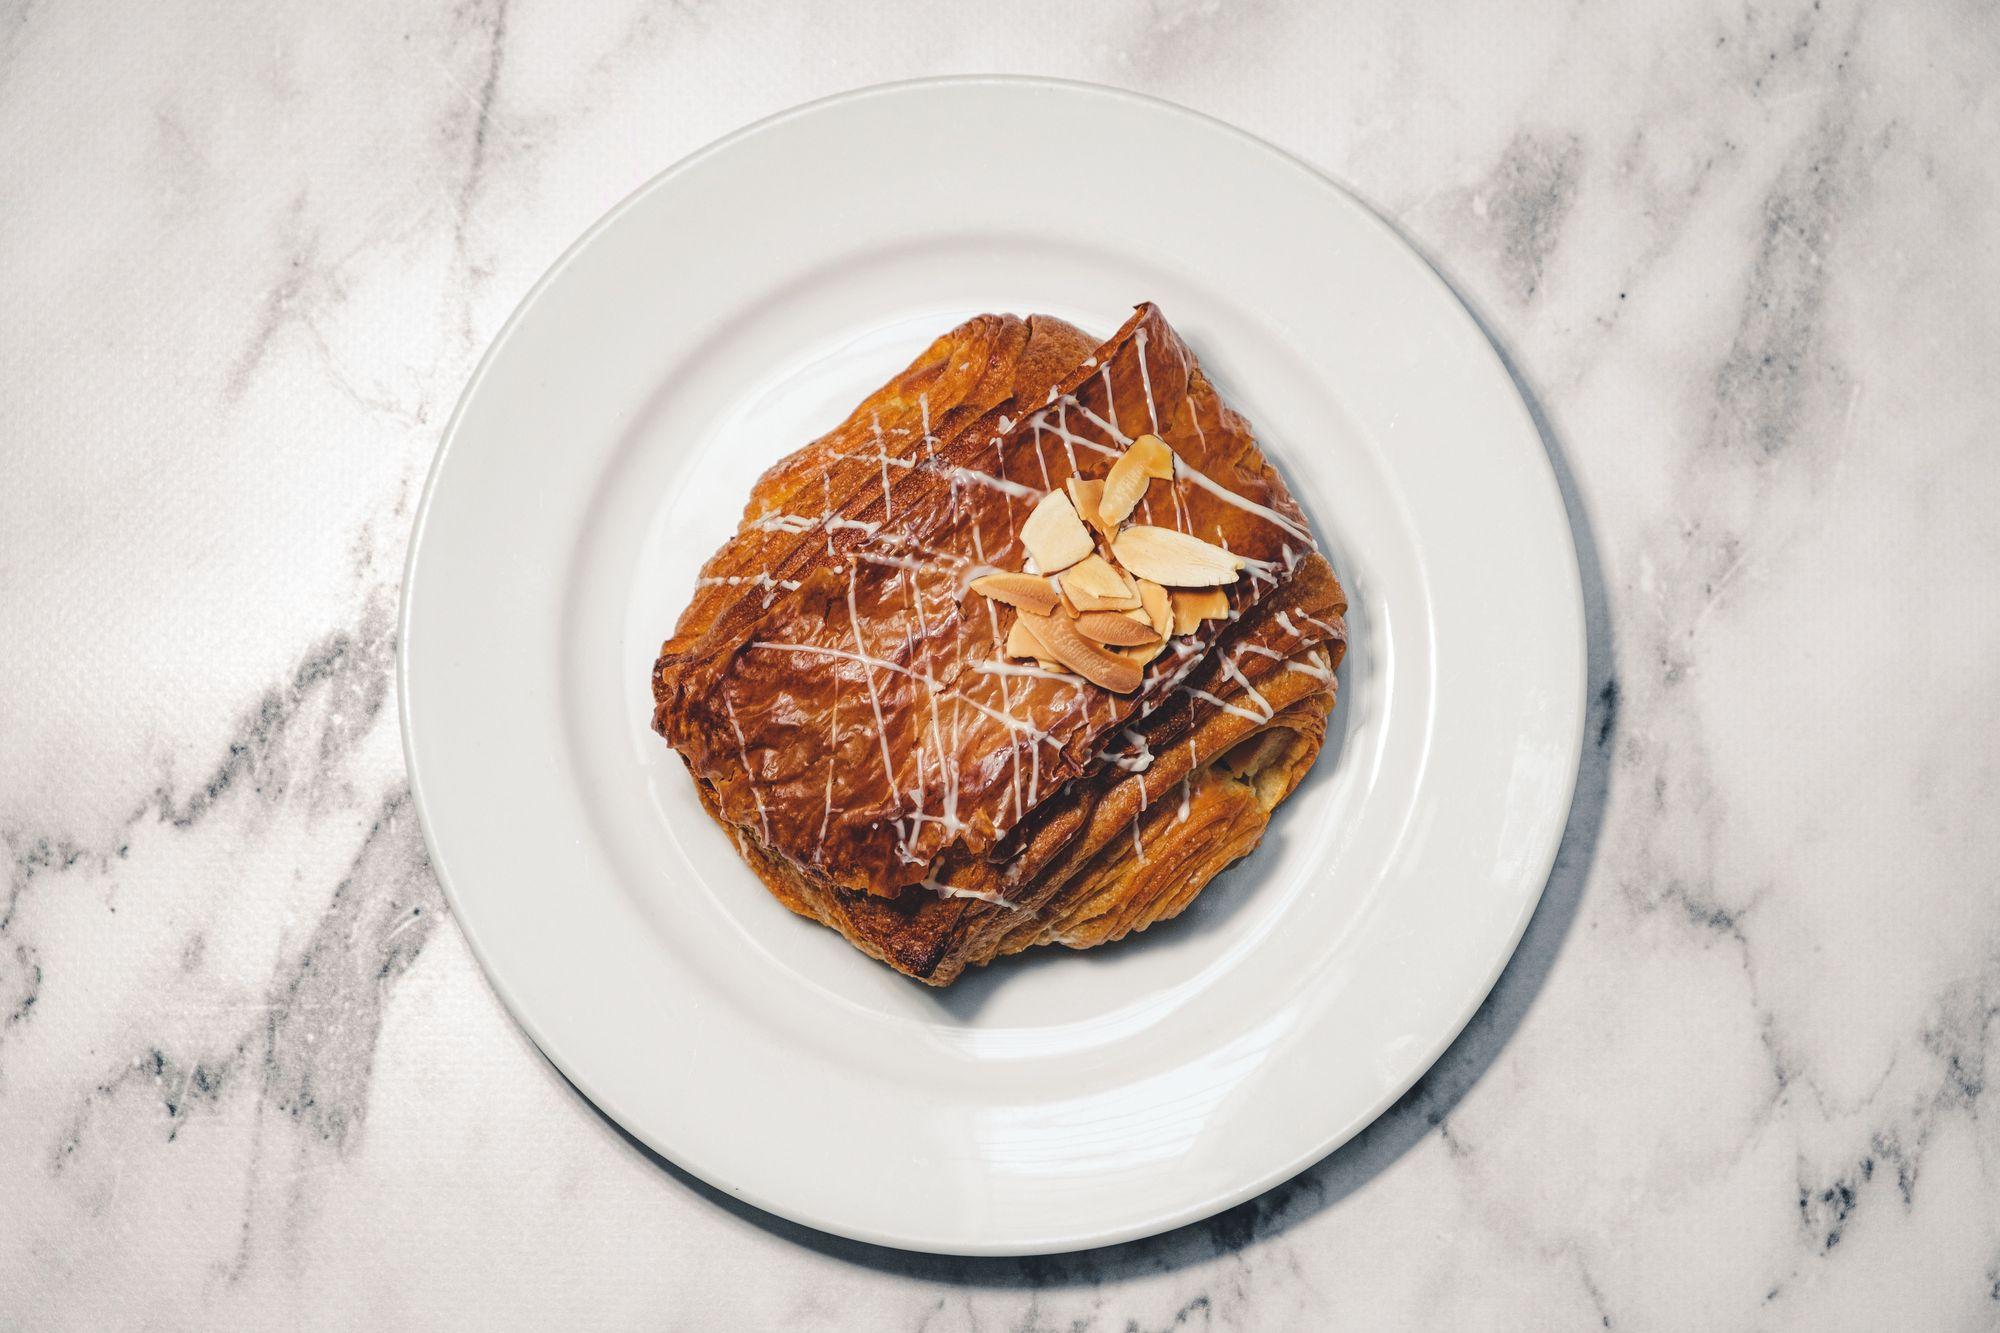 Trafiq Almond Croissant ($4) - Overhead